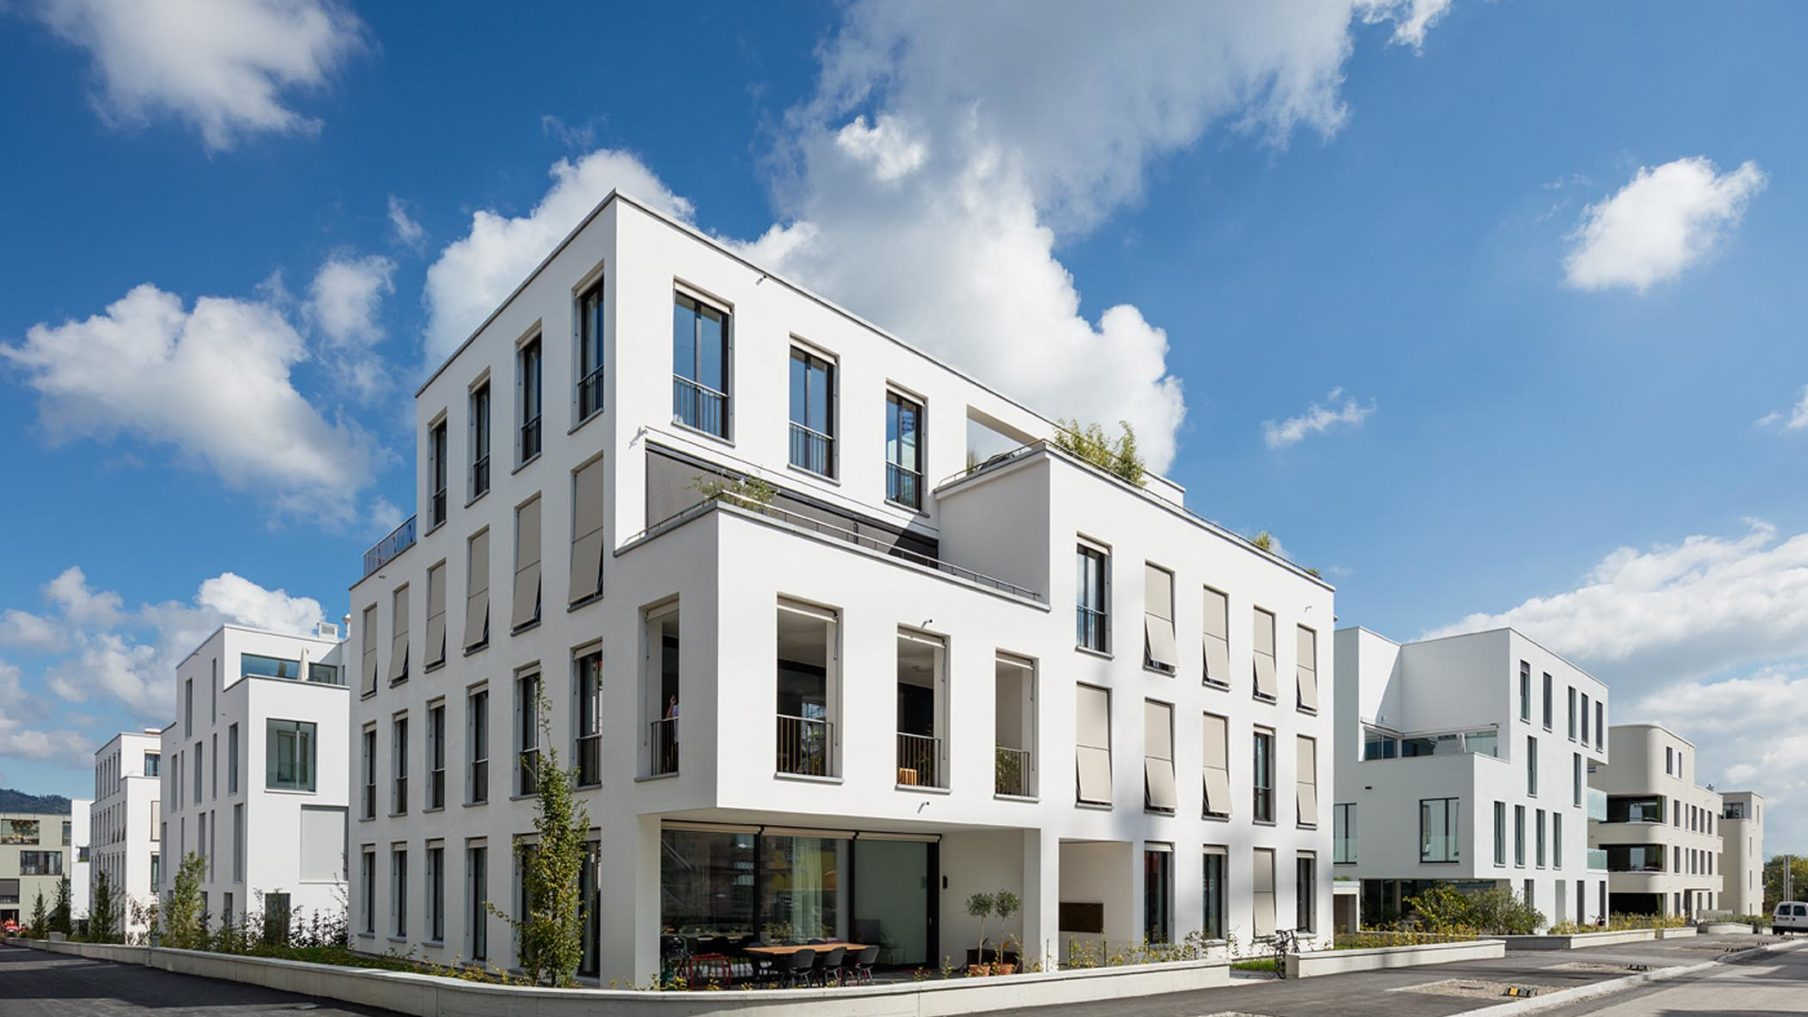 Wohnüberbauung bim klee Bern (Fertigstellung 2014)